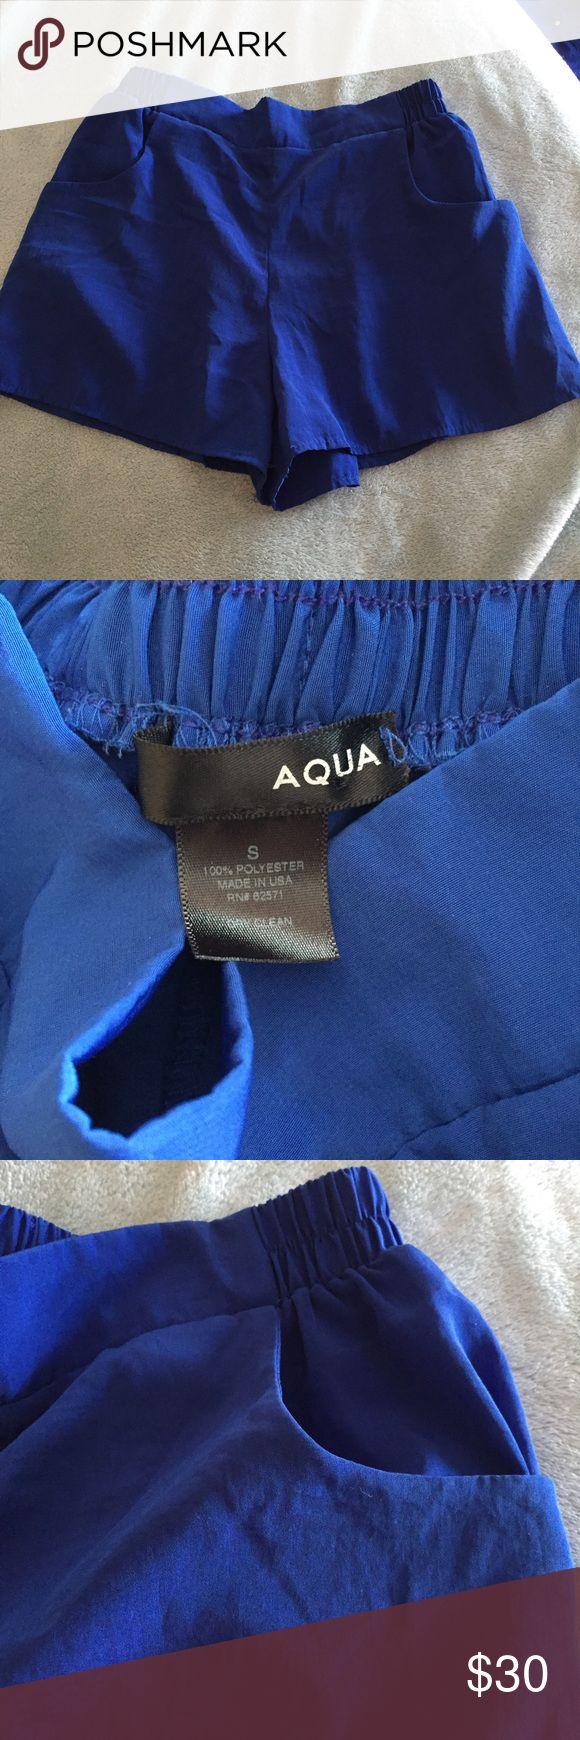 Aqua shorts Worn once ❌🚫 NO TRADES 🚫❌ Aqua Shorts